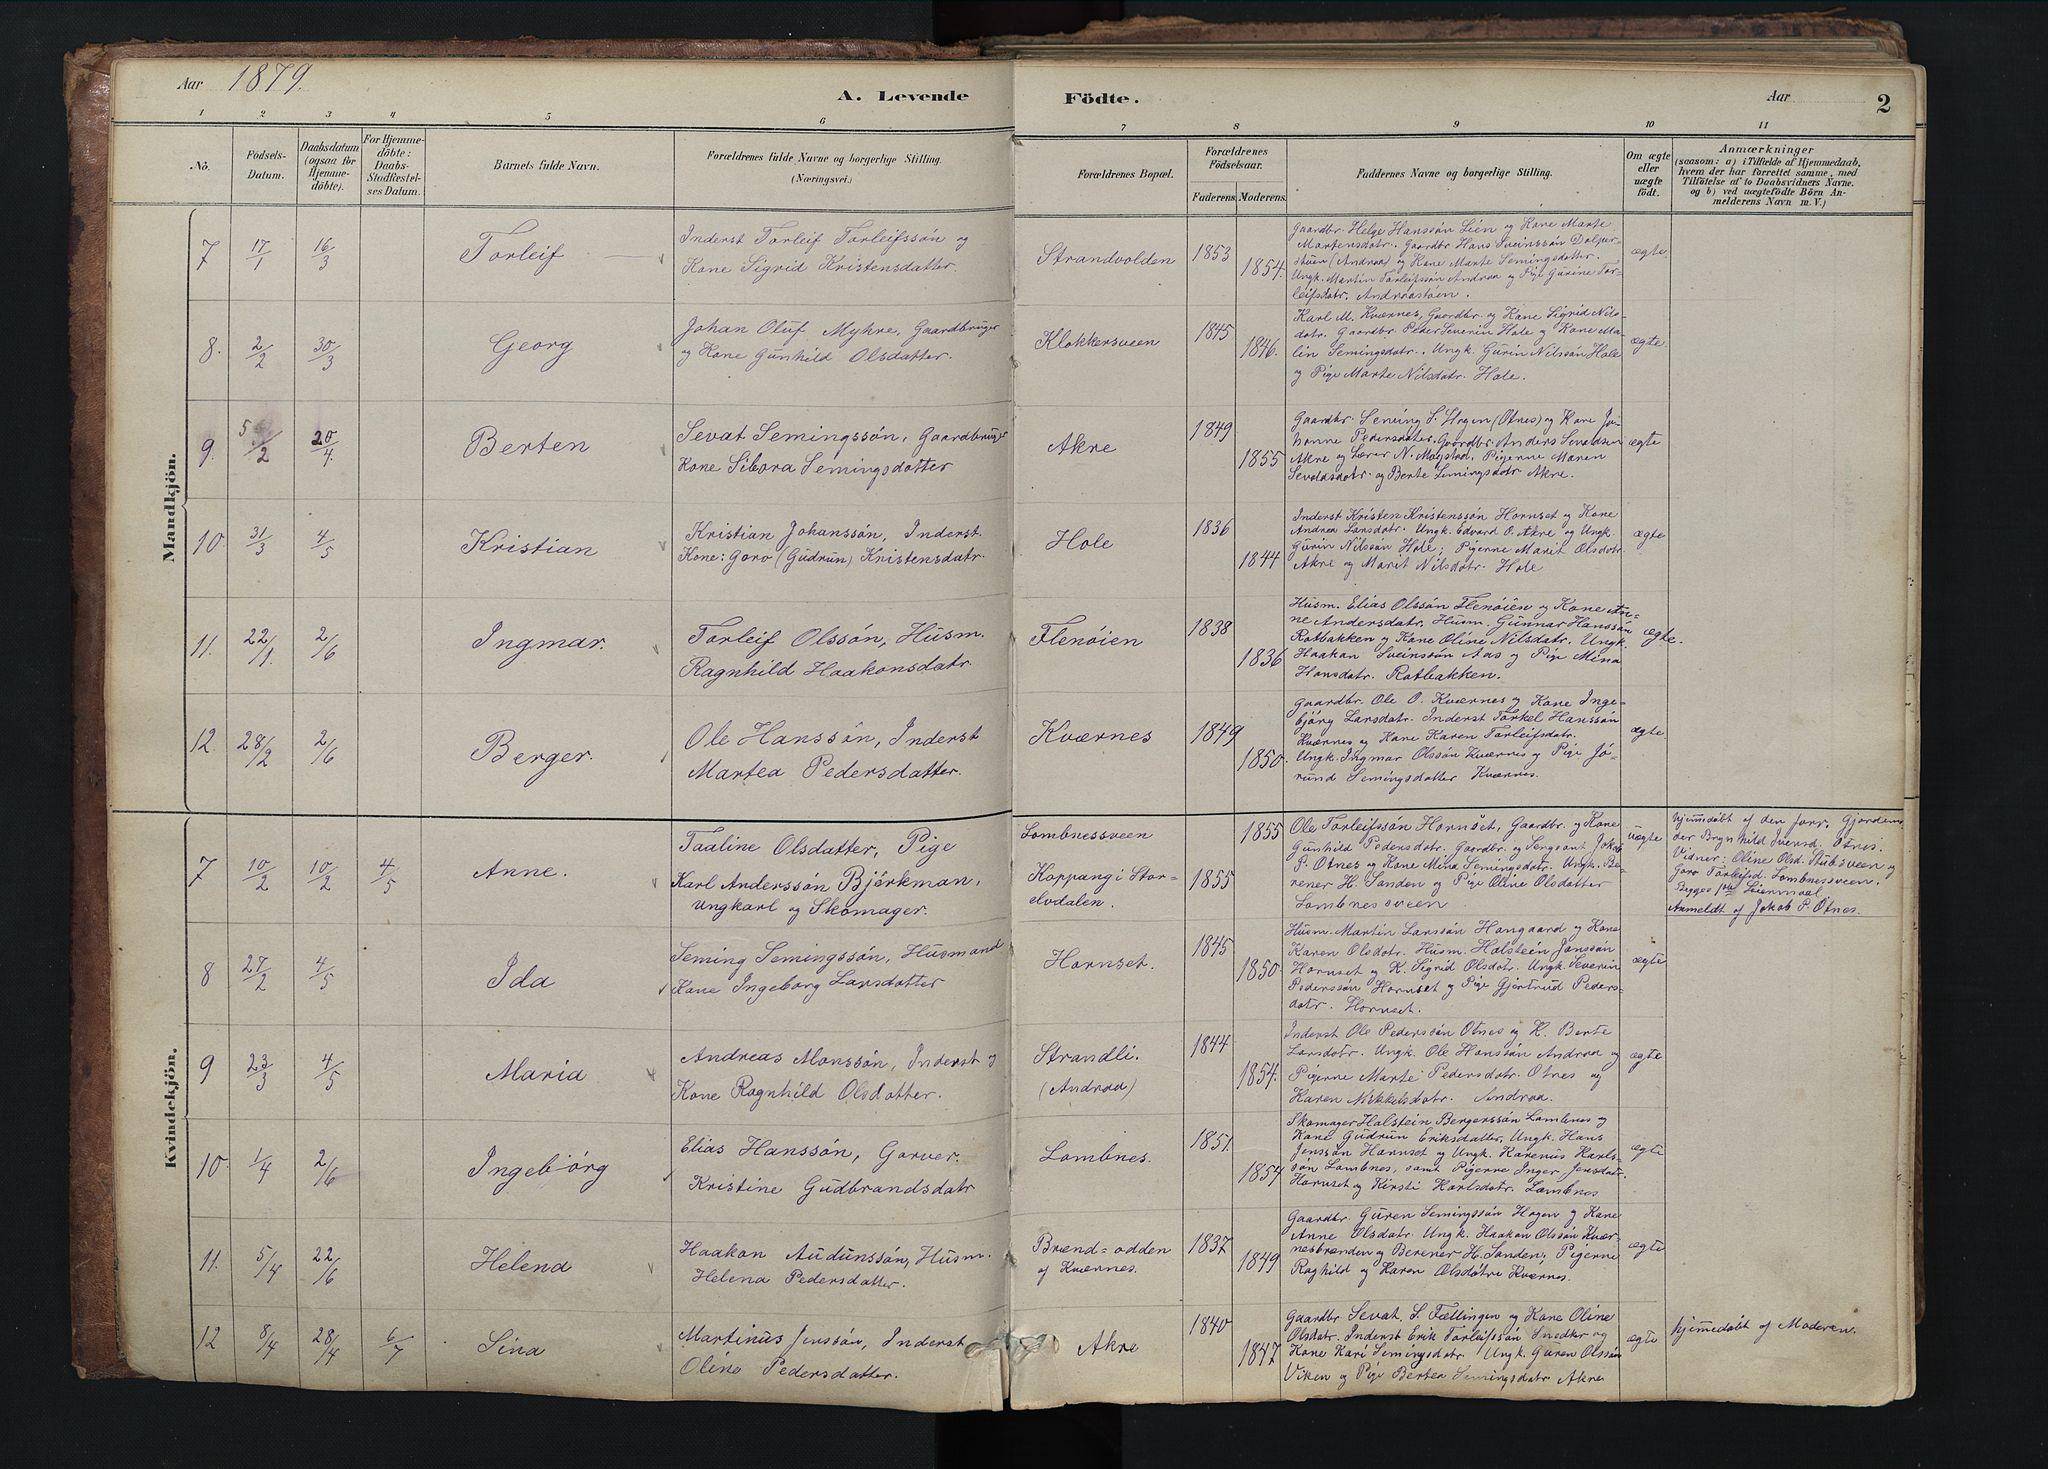 SAH, Rendalen prestekontor, H/Ha/Hab/L0009: Klokkerbok nr. 9, 1879-1902, s. 2